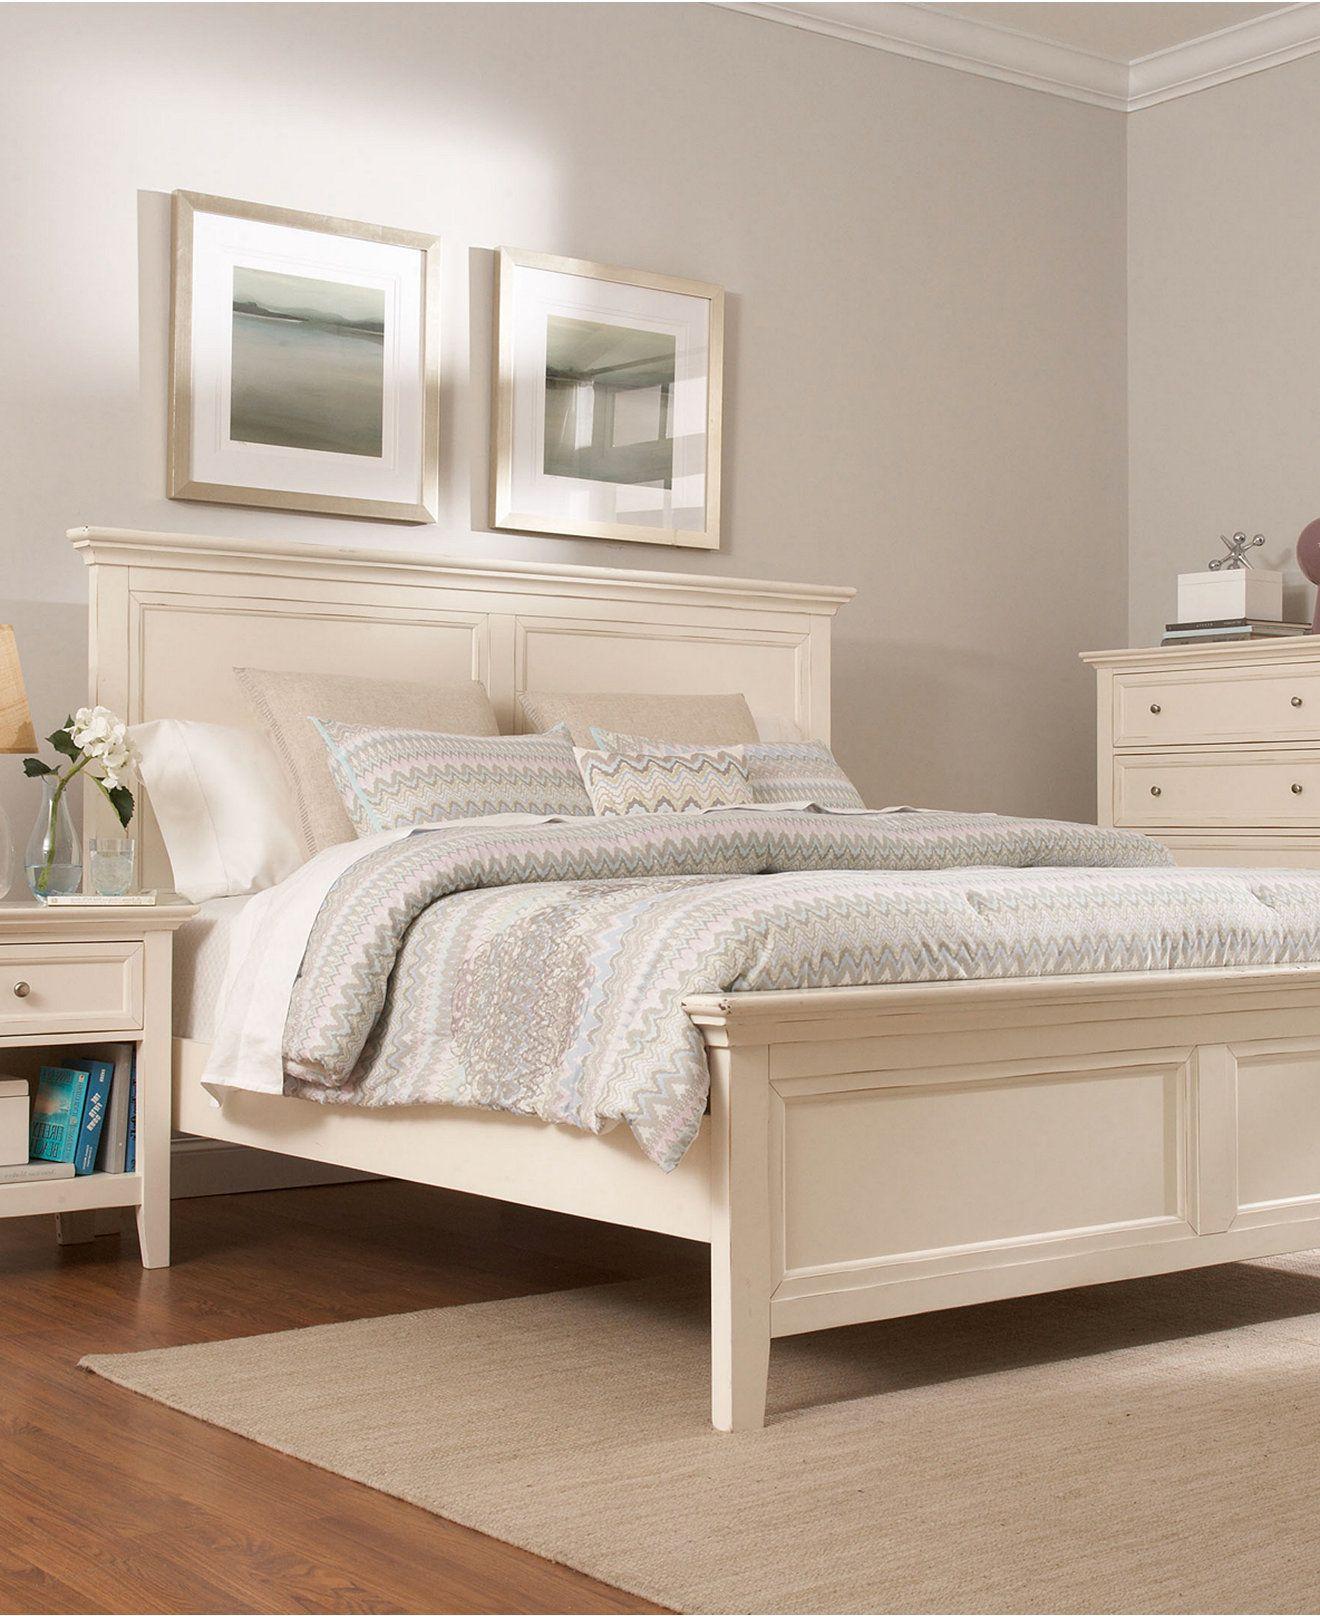 Avondale Platform Bedroom Furniture Collection   Bed ...